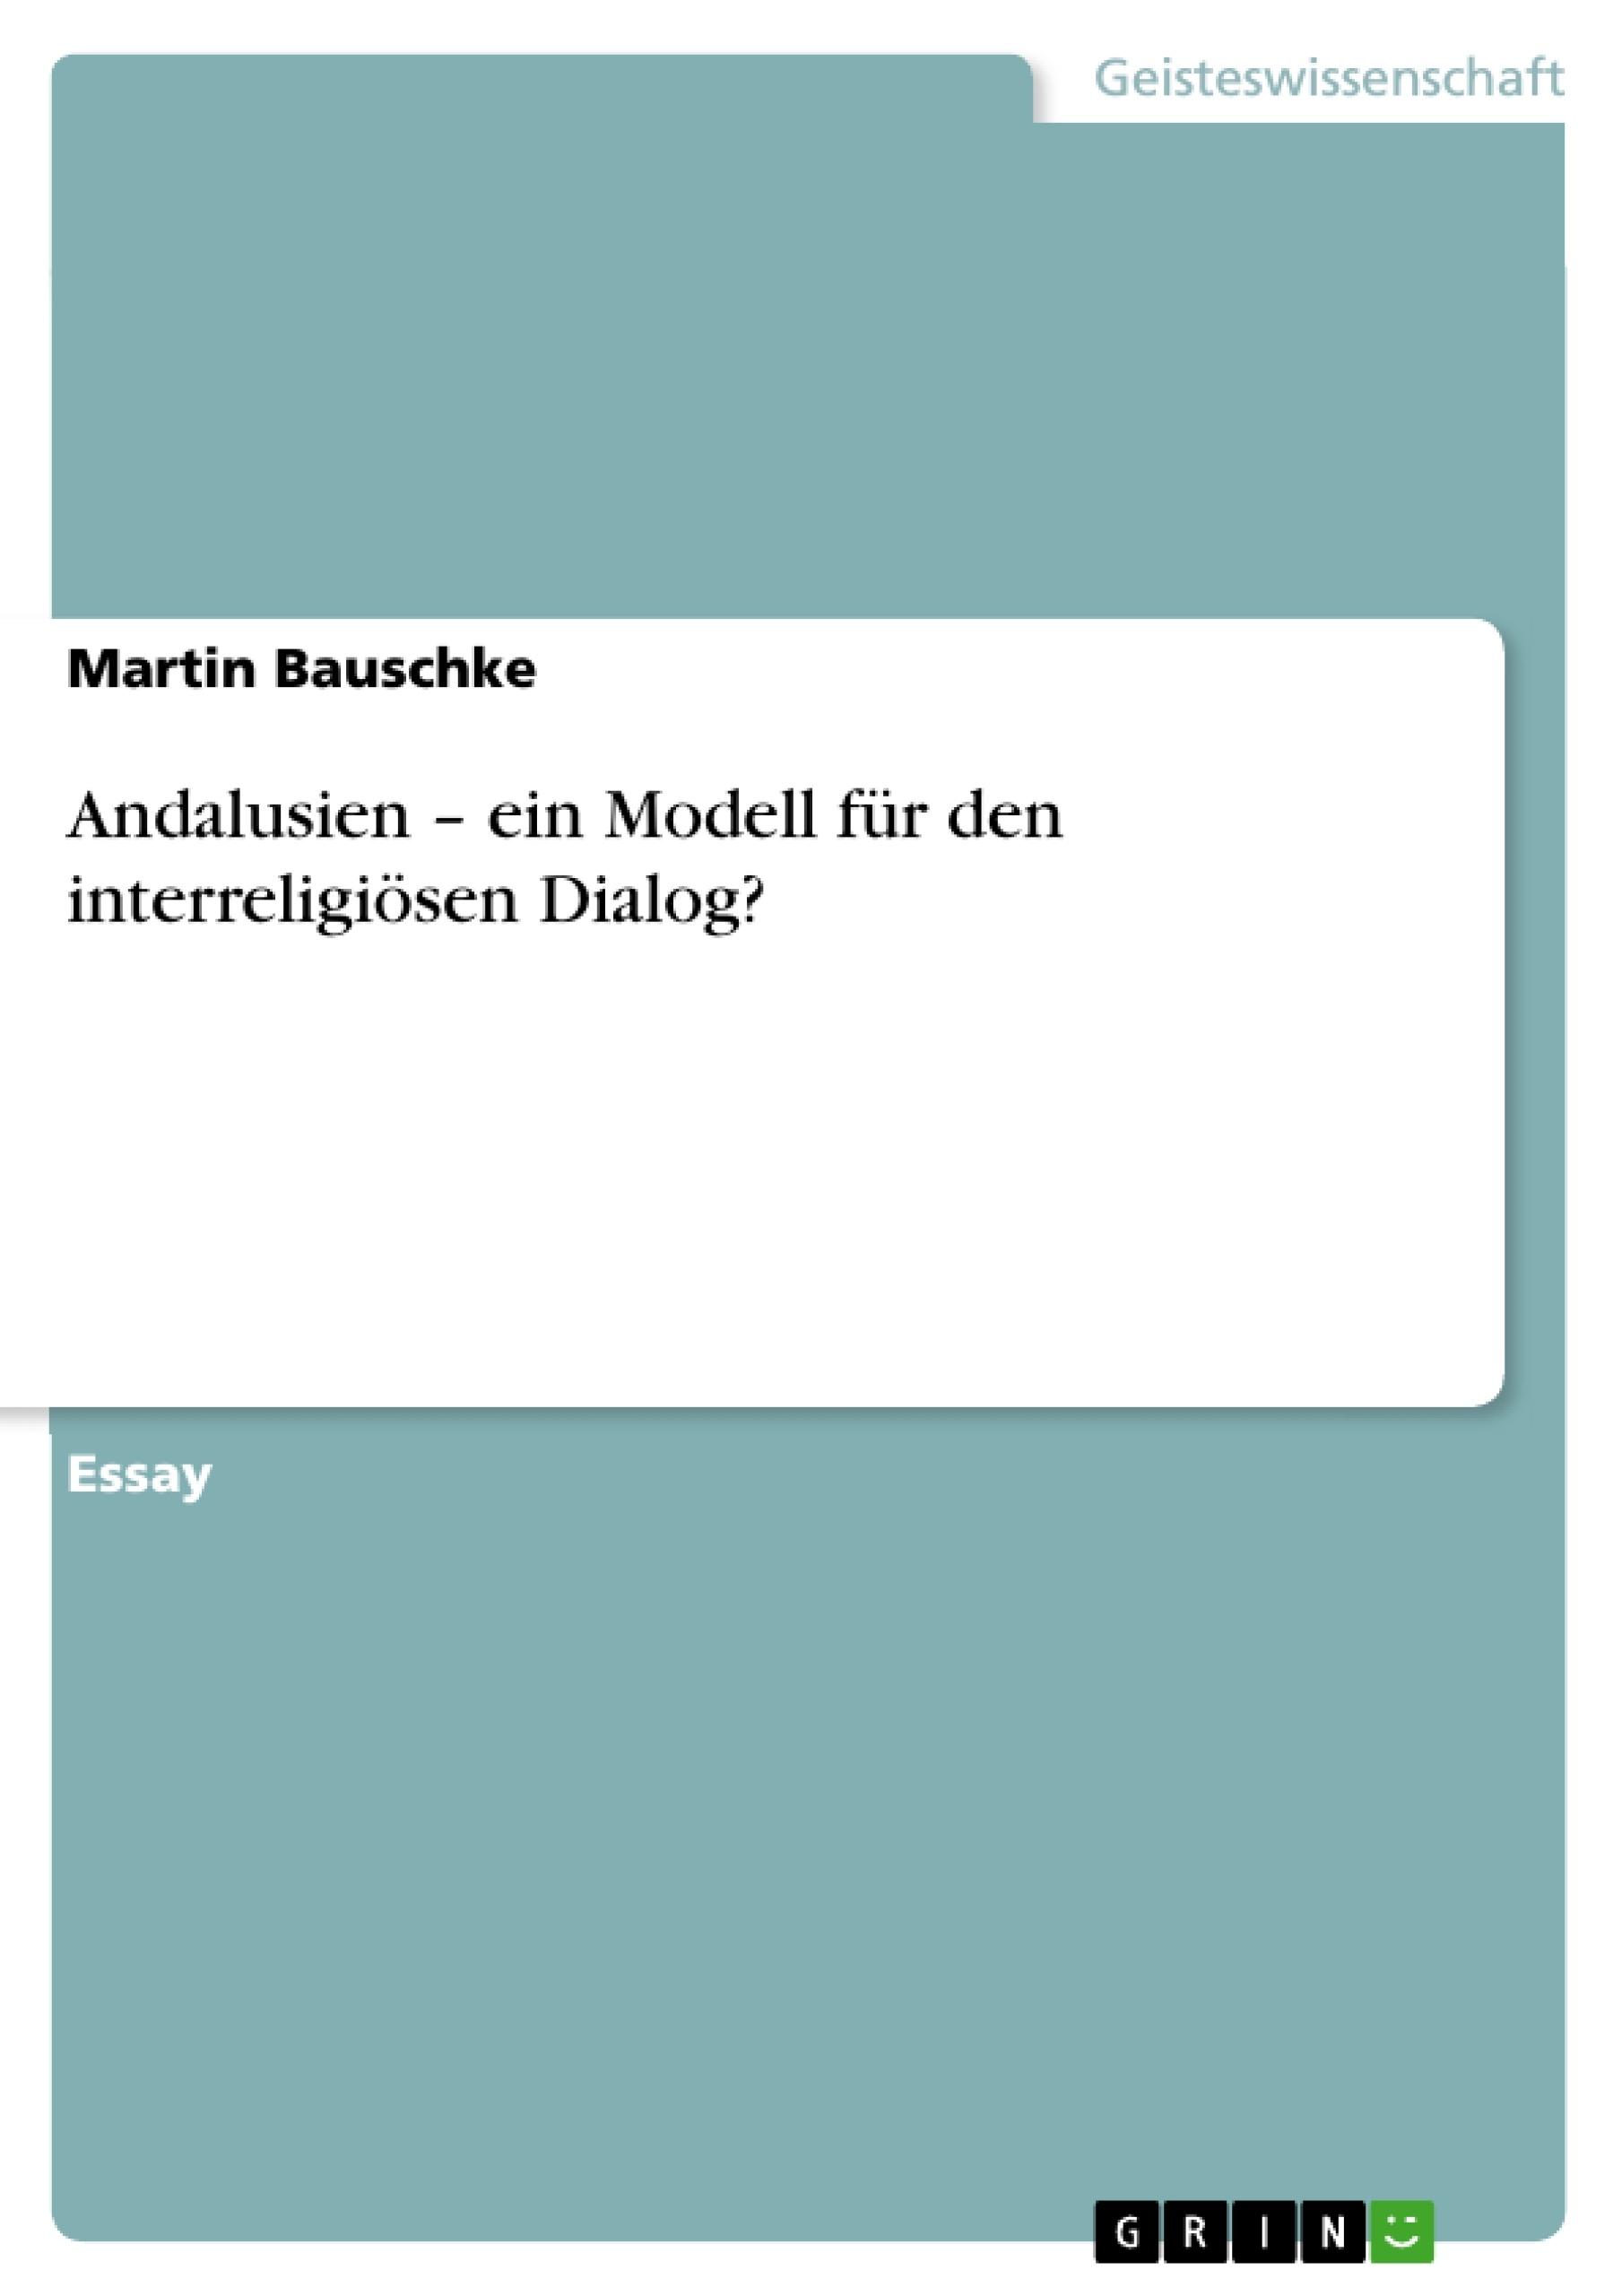 Titel: Andalusien – ein Modell für den interreligiösen Dialog?